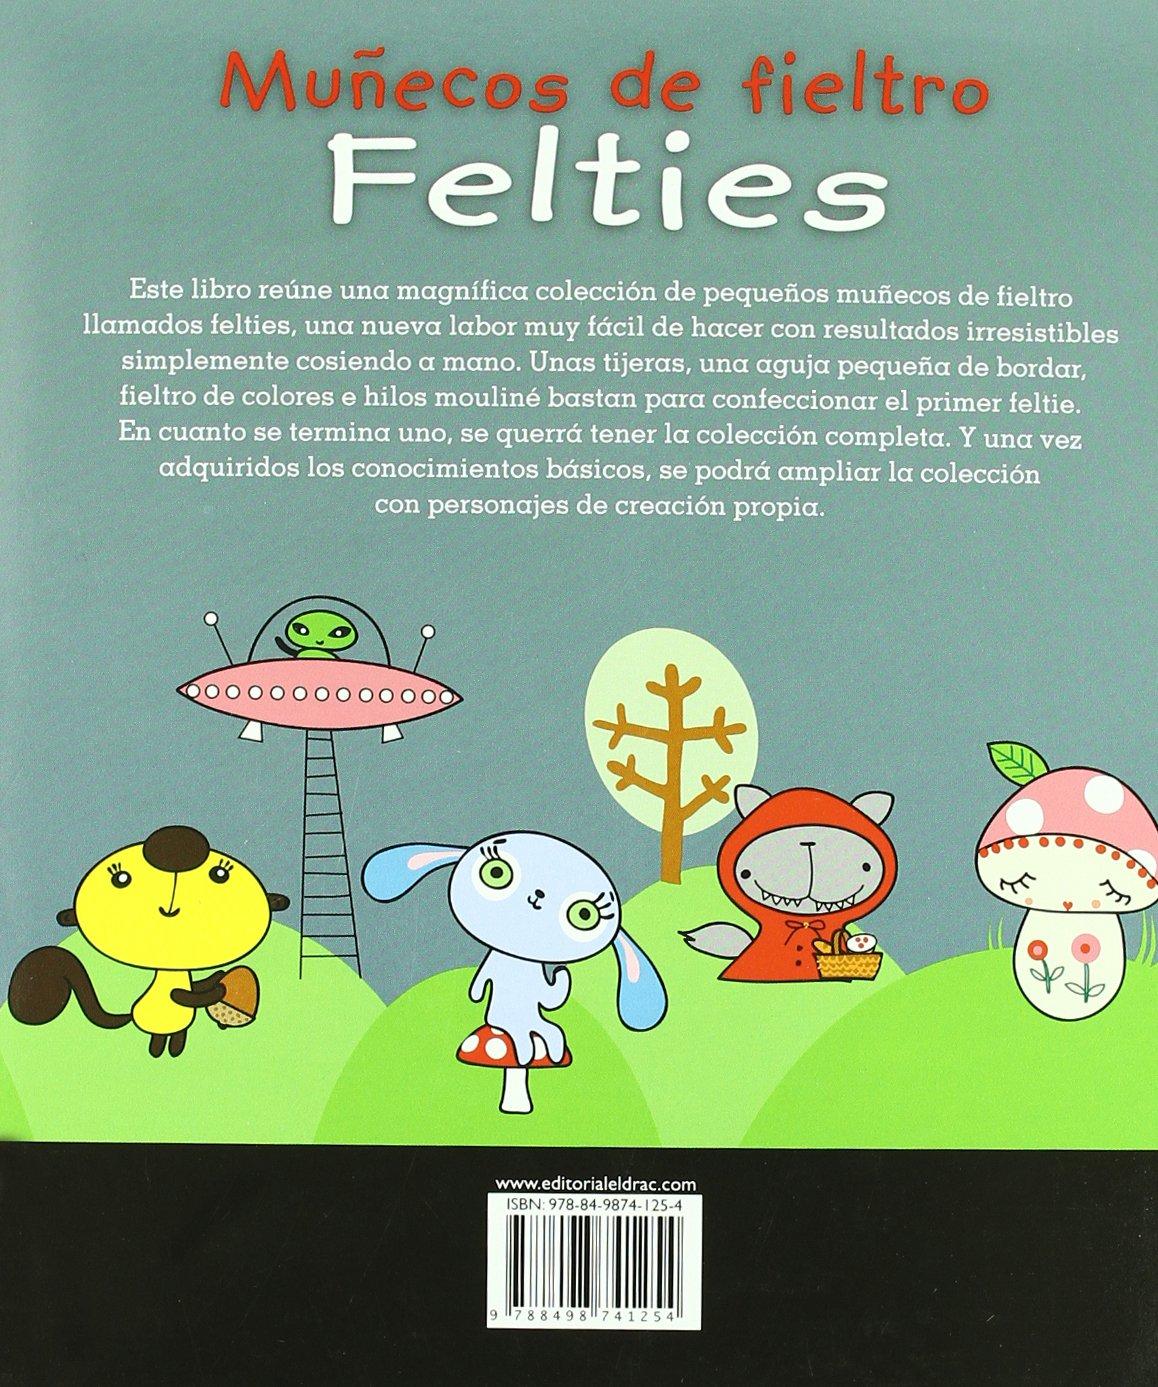 Muñecos de Fieltro o  Felties, libro con 50 proyectos y patrones